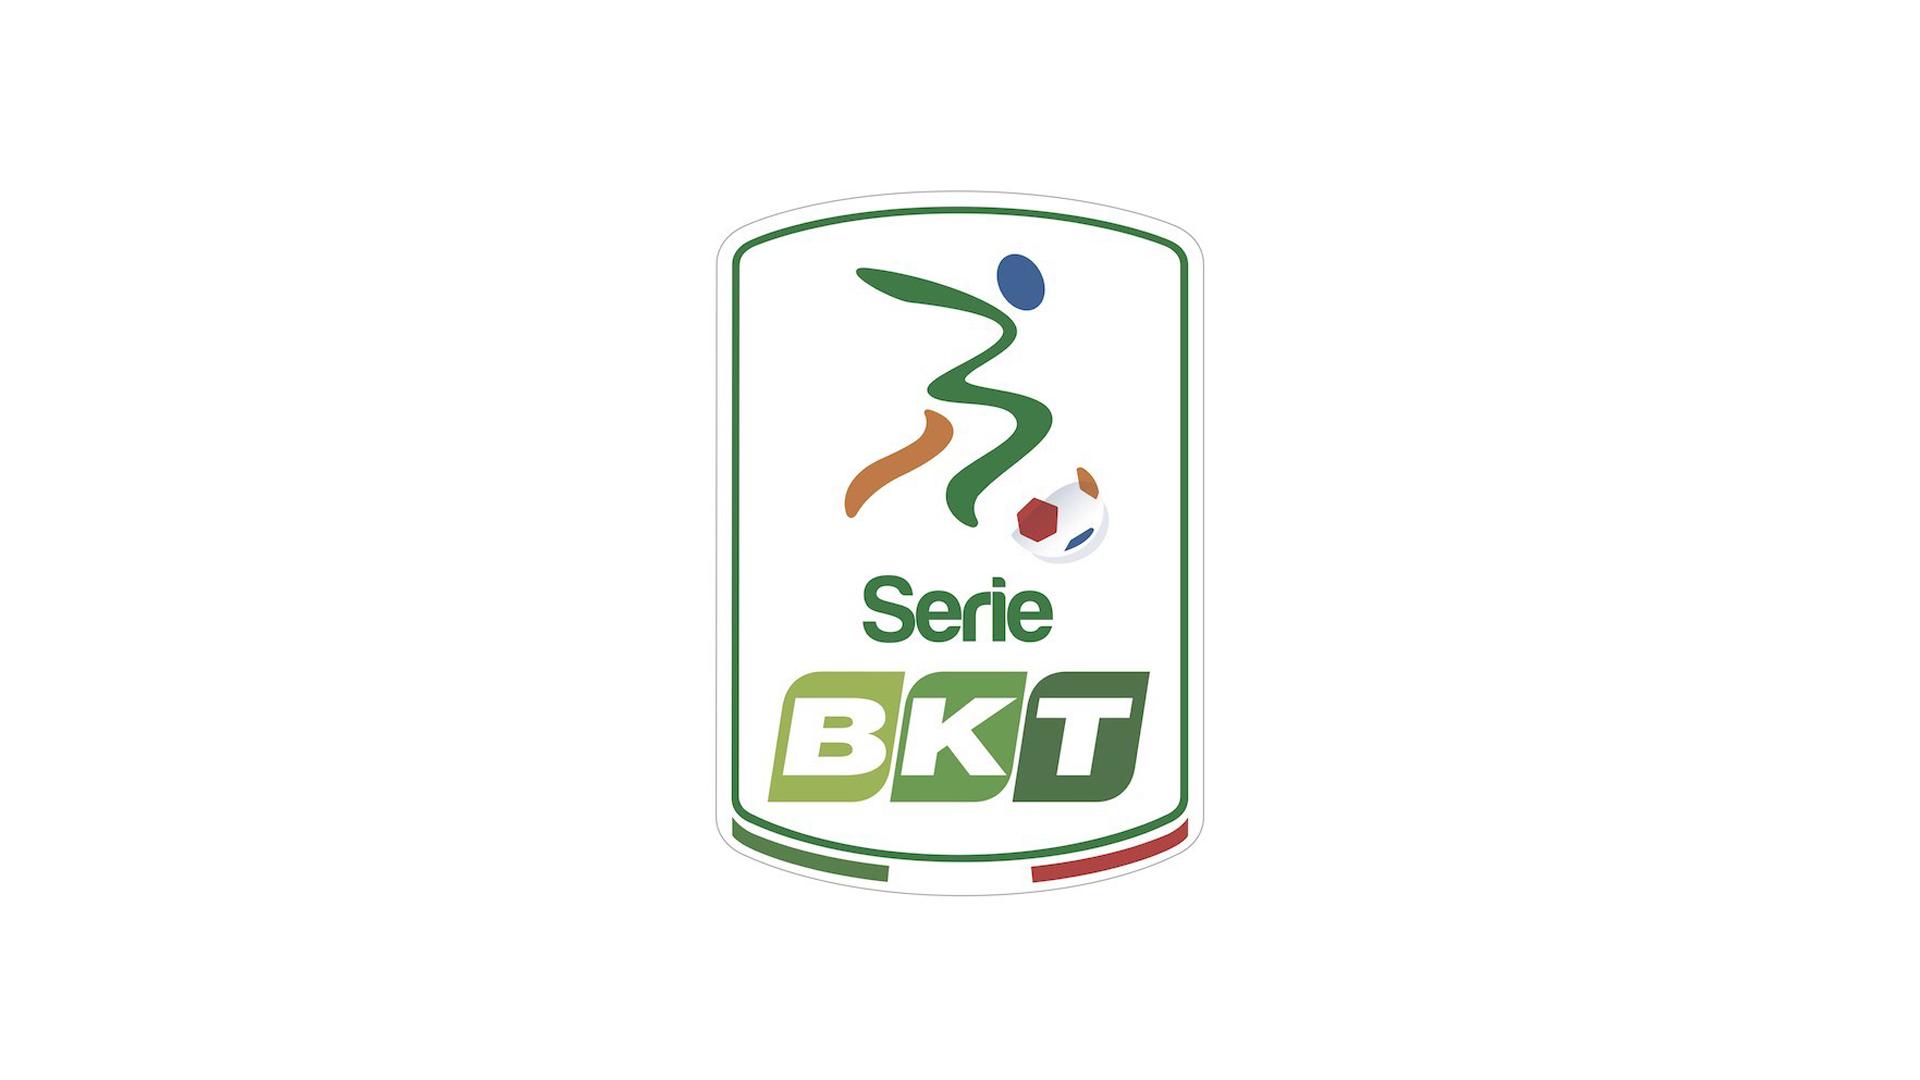 Calendario Serie B 2020 20.Sorteggio Calendario Serie B 2019 20 Dove Vederlo In Tv E